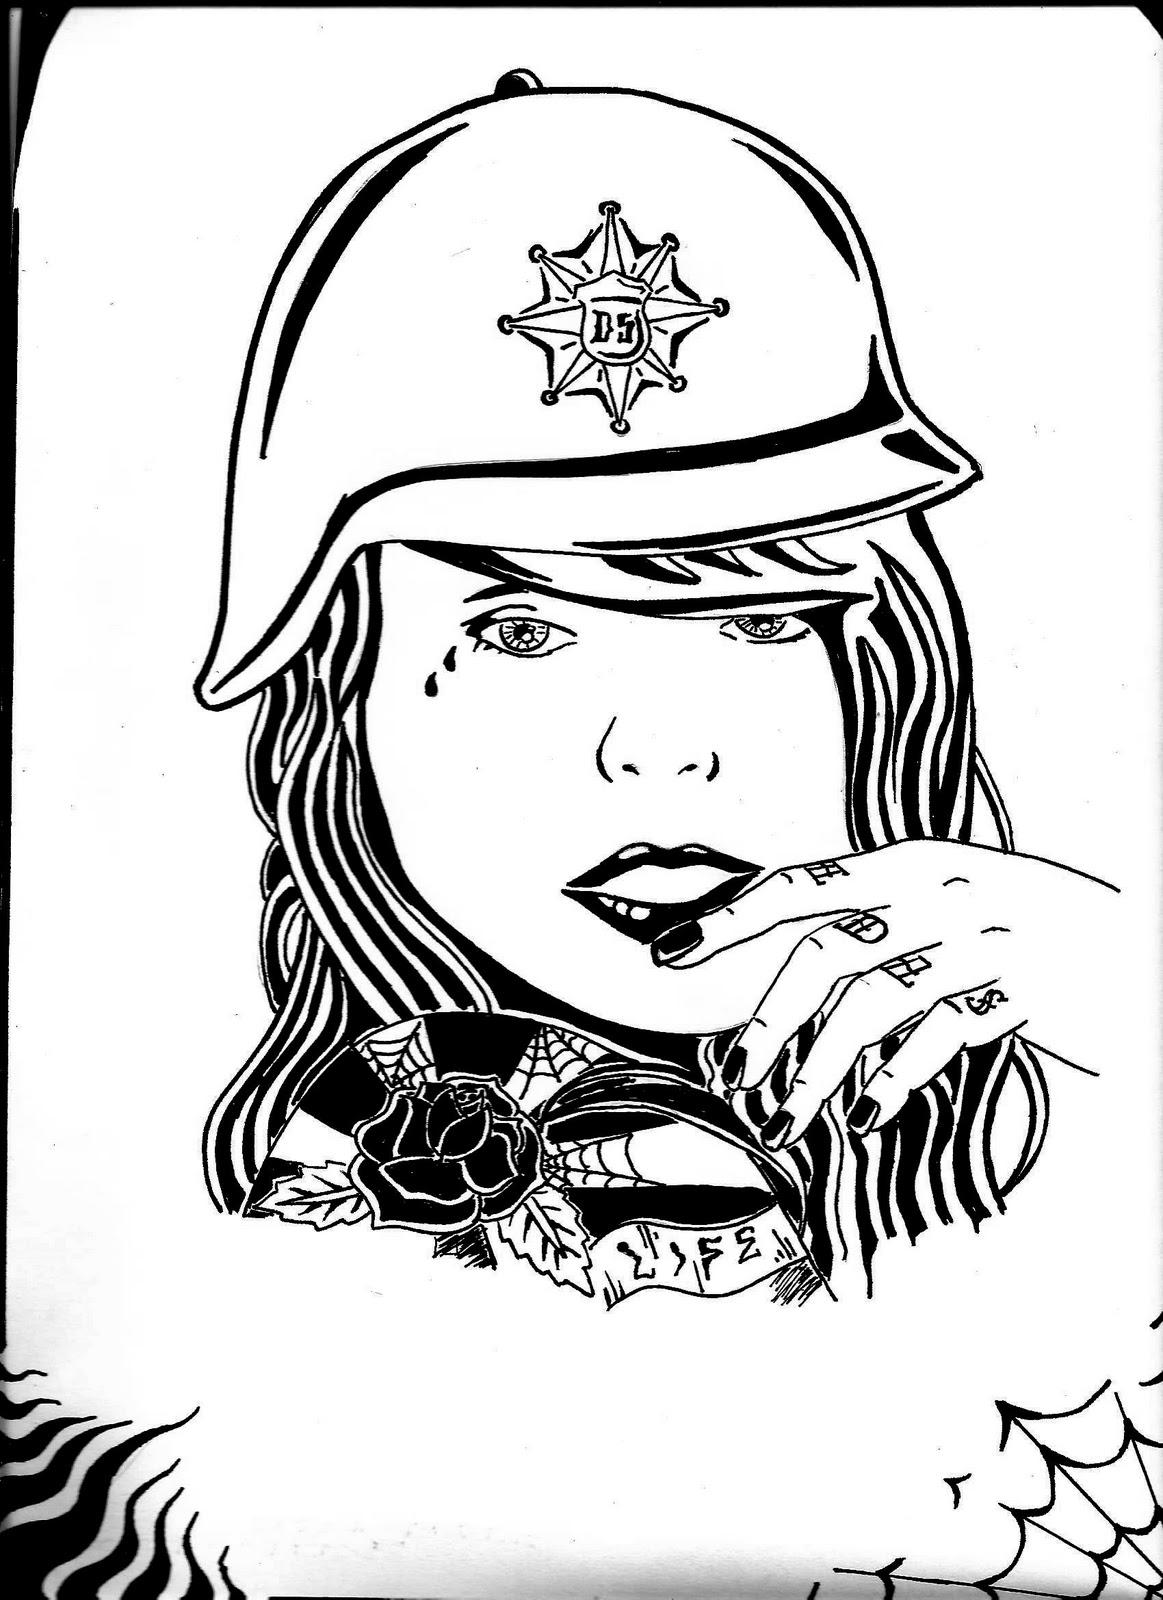 cholos dibujos - photo #5